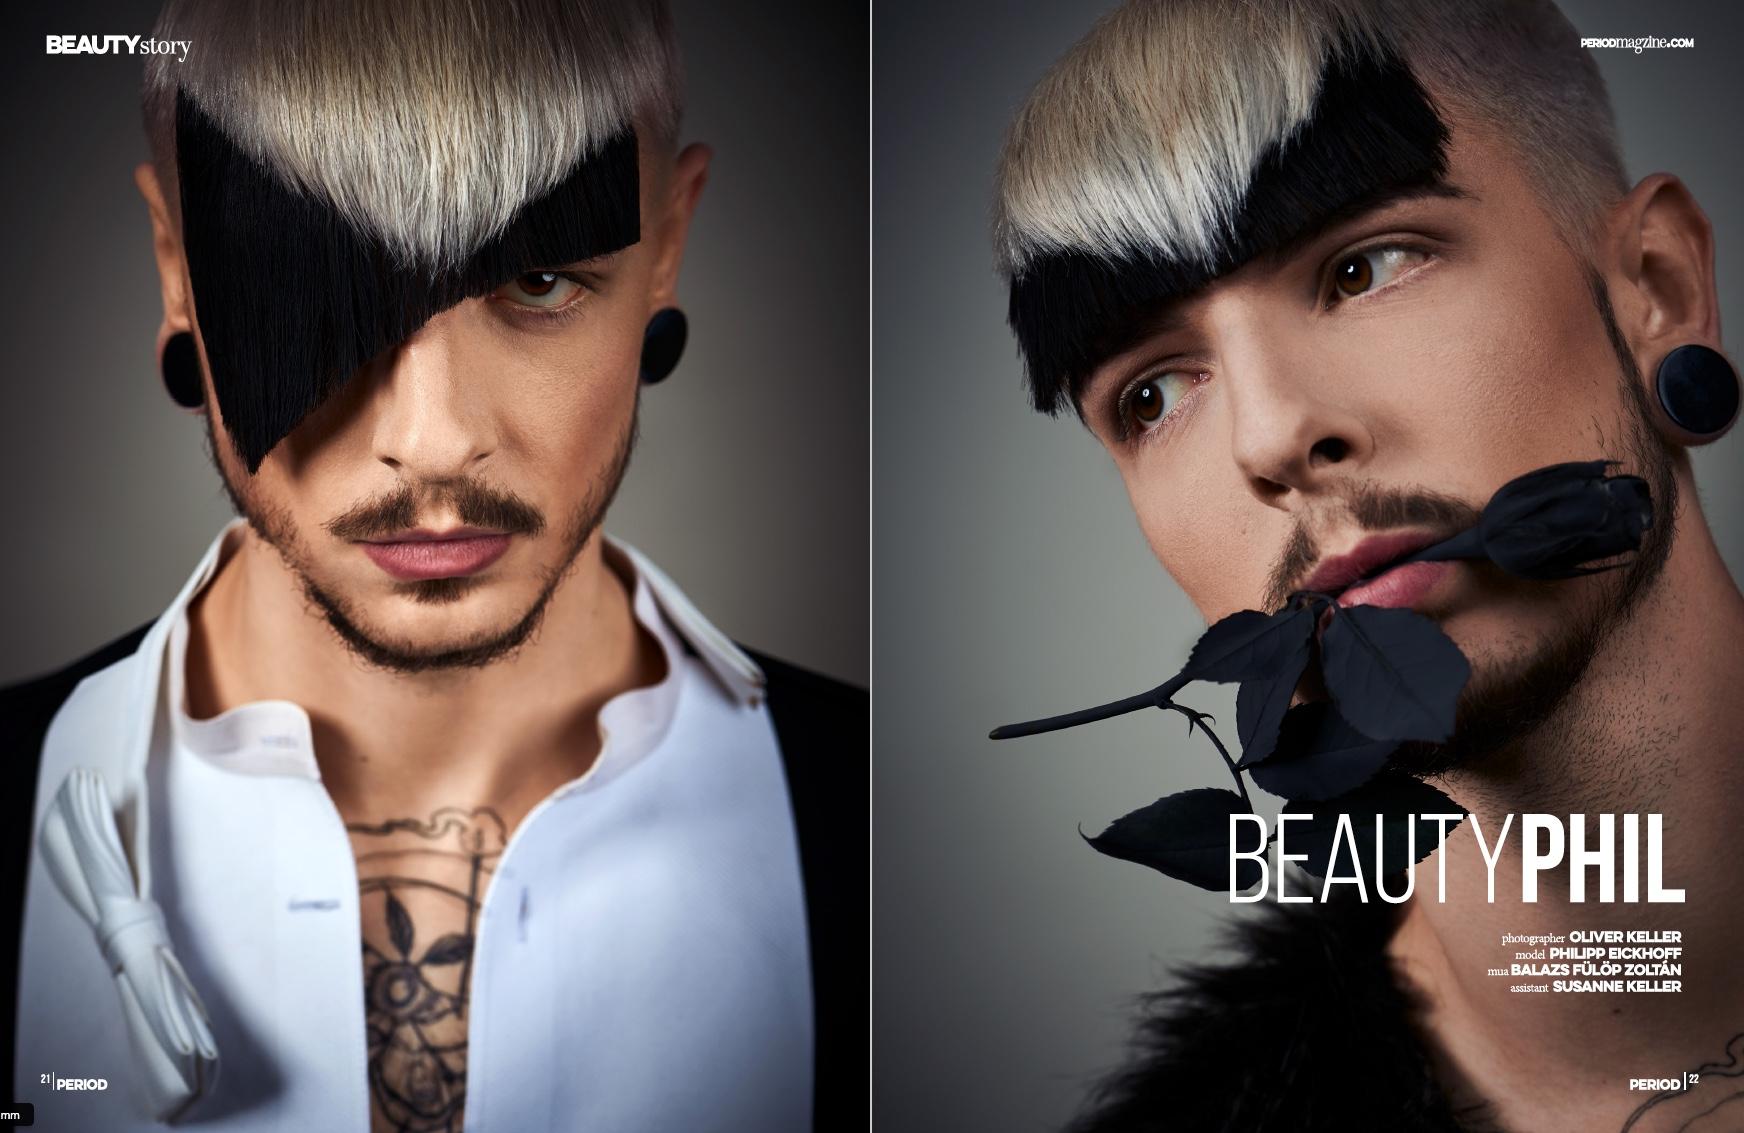 beauty-Phil-ts-1 Kopie.jpeg